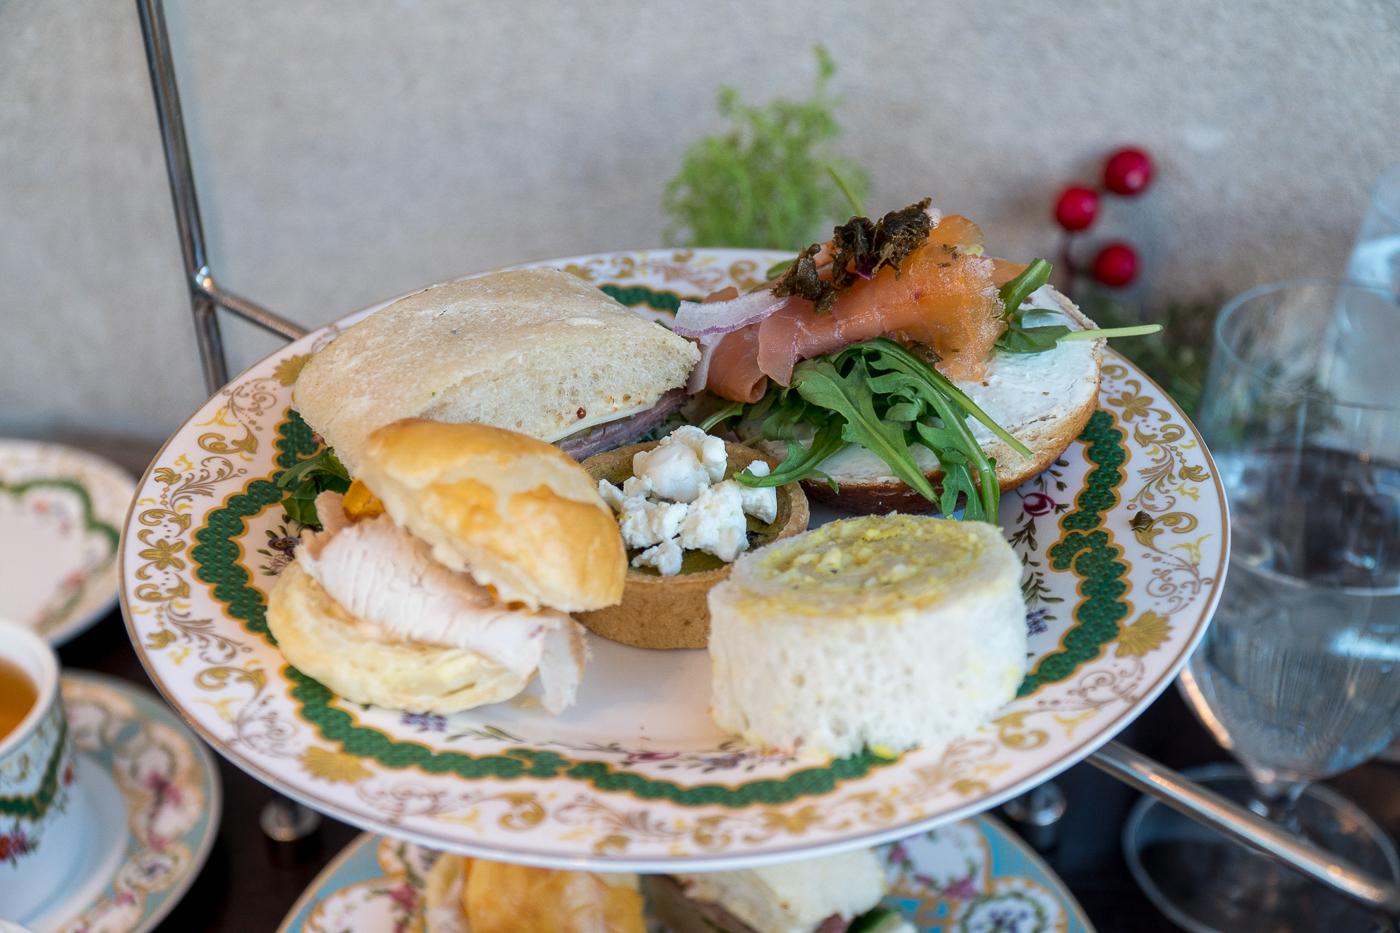 Plateau du thé à l'anglaise Holiday Tea et sandwiches